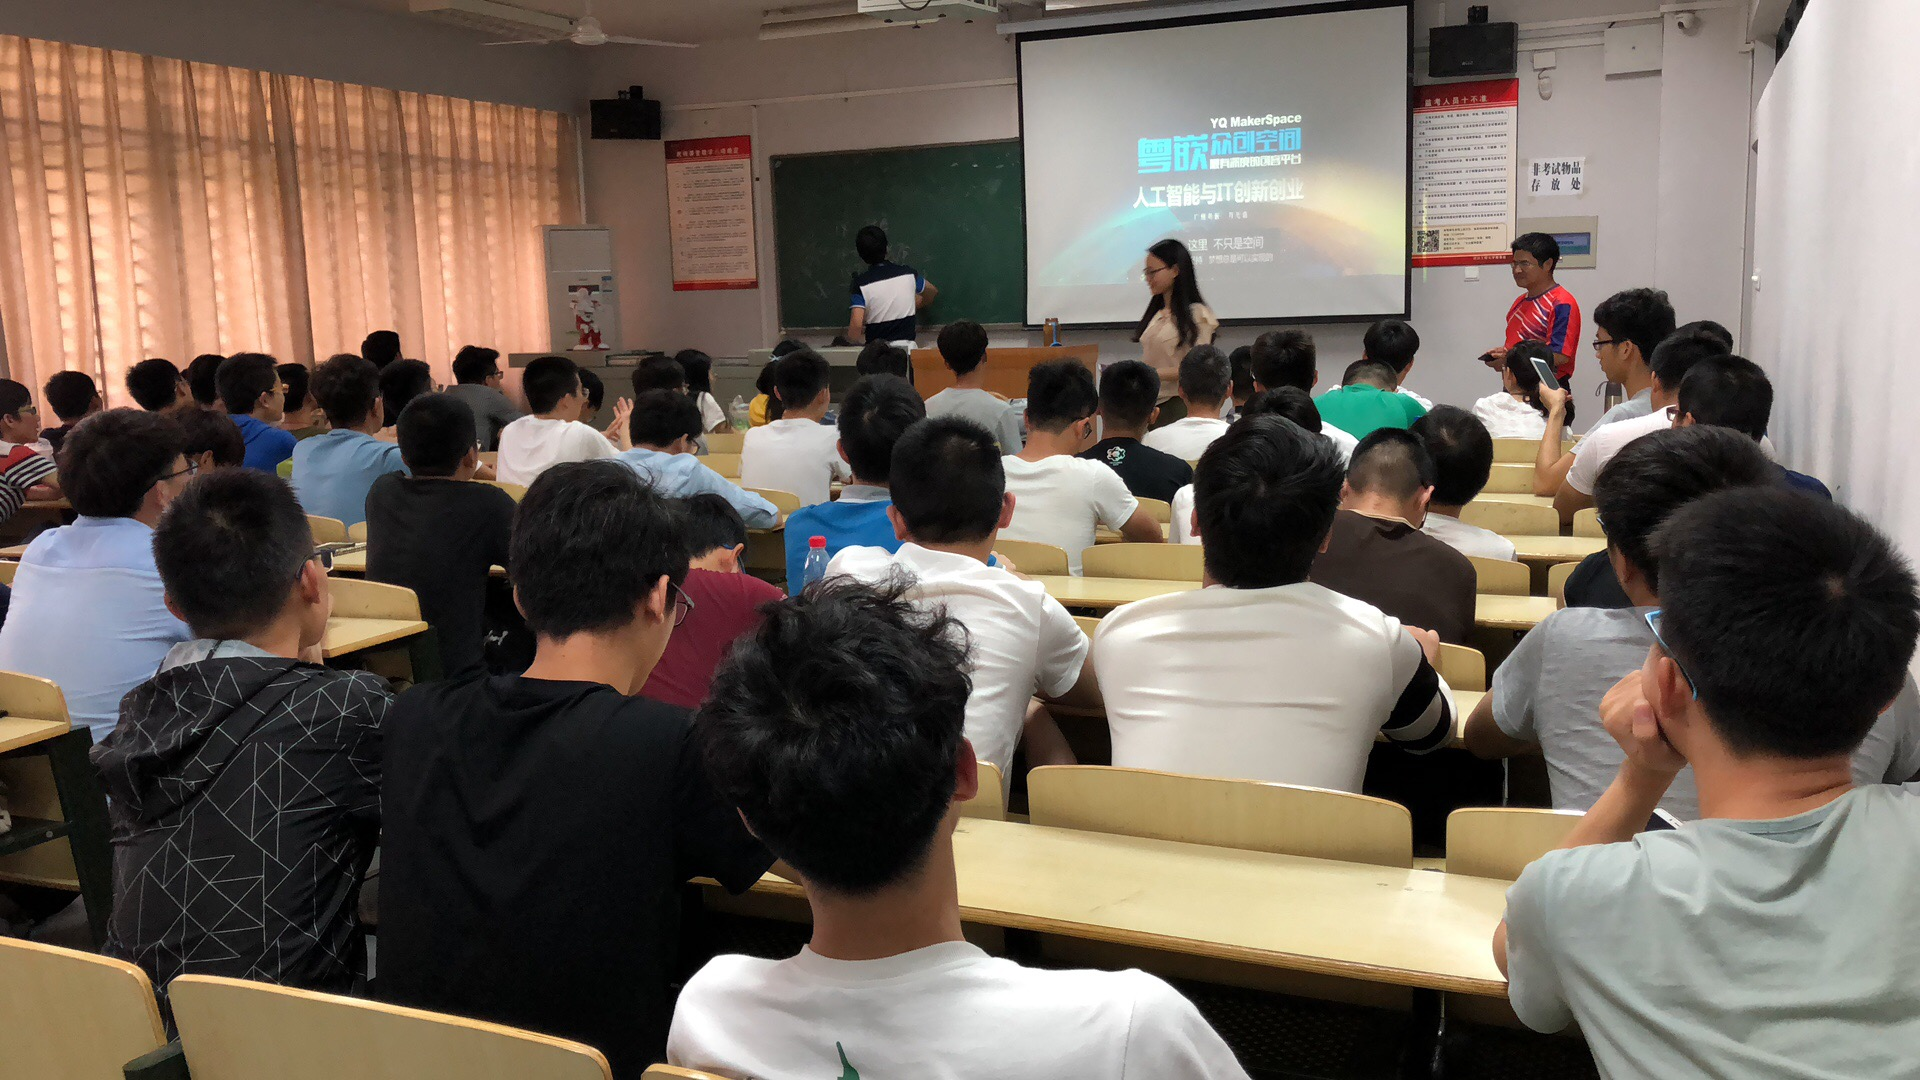 热力引爆 粤嵌人工智能开发工程师武汉工程大学开讲!